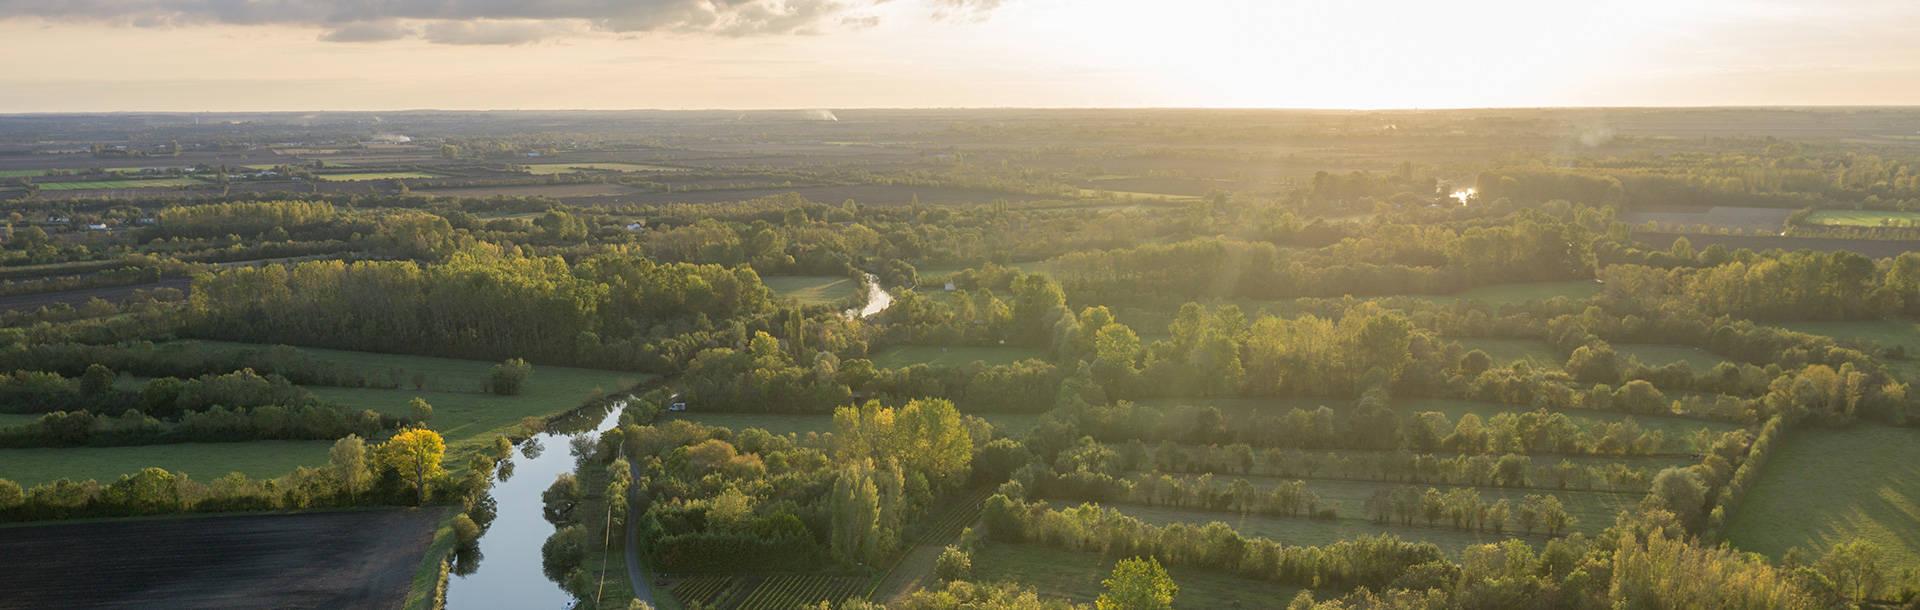 Vue aérienne du quadrillage des frênes du marais mouillé dans le Marais poitevin